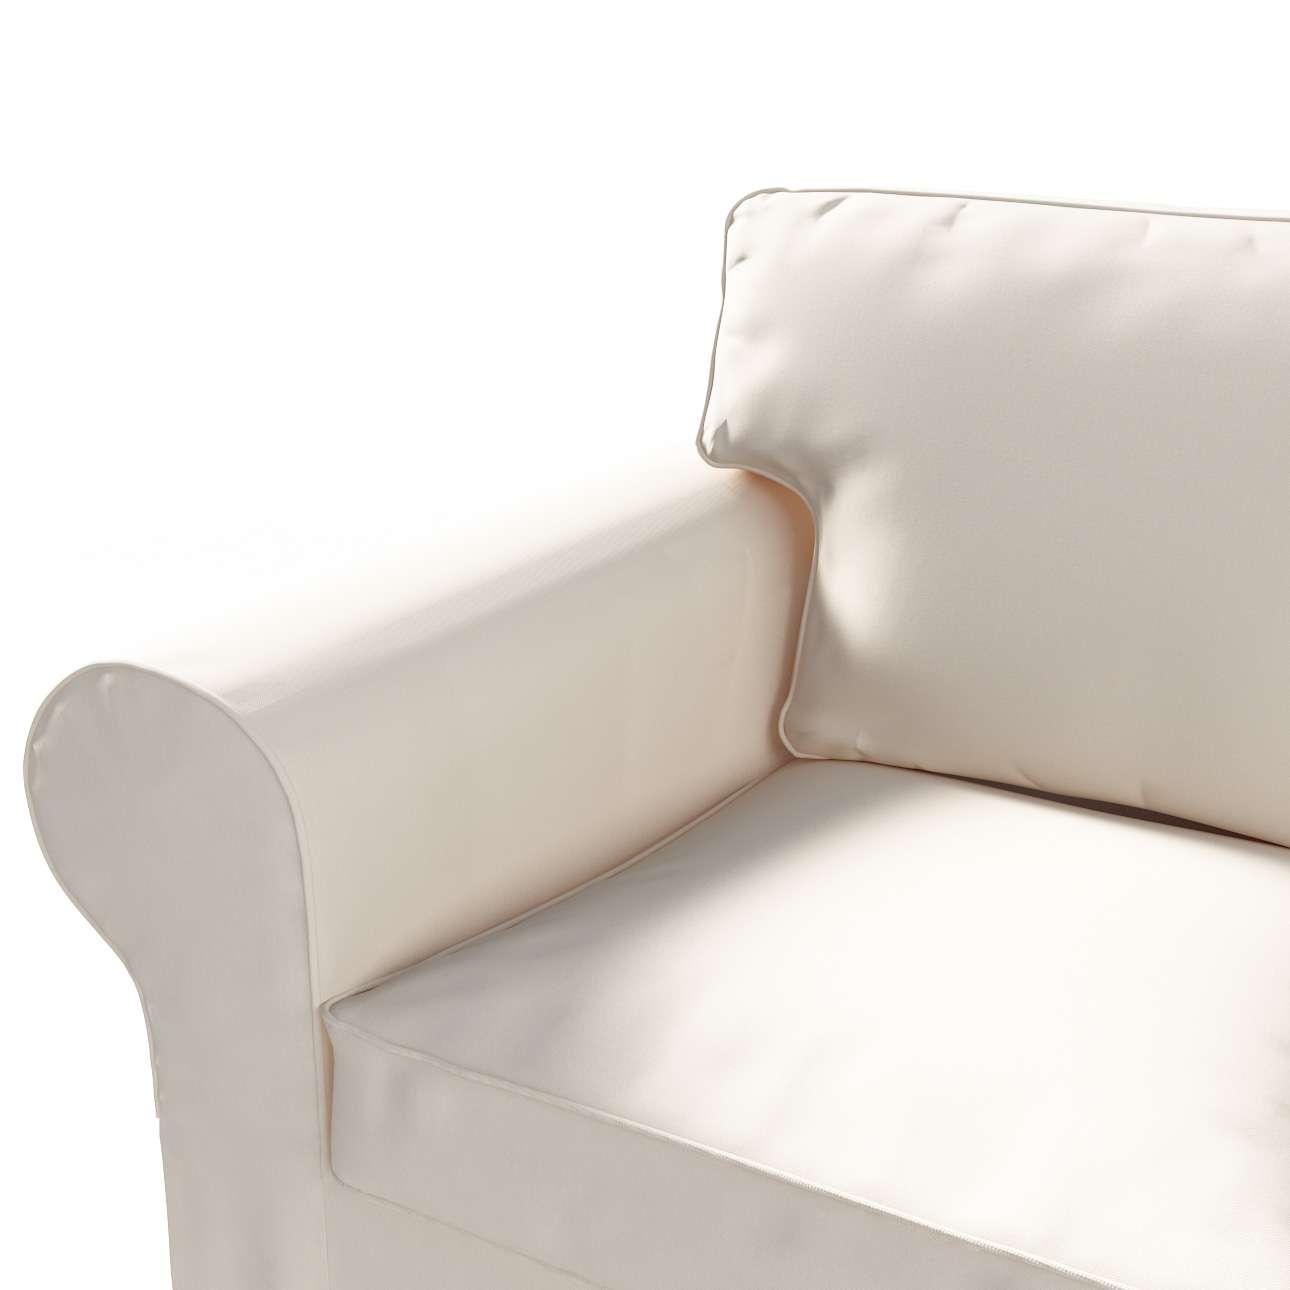 Pokrowiec na sofę Ektorp 3-osobową, rozkładaną NOWY MODEL 2013 w kolekcji Etna , tkanina: 705-01